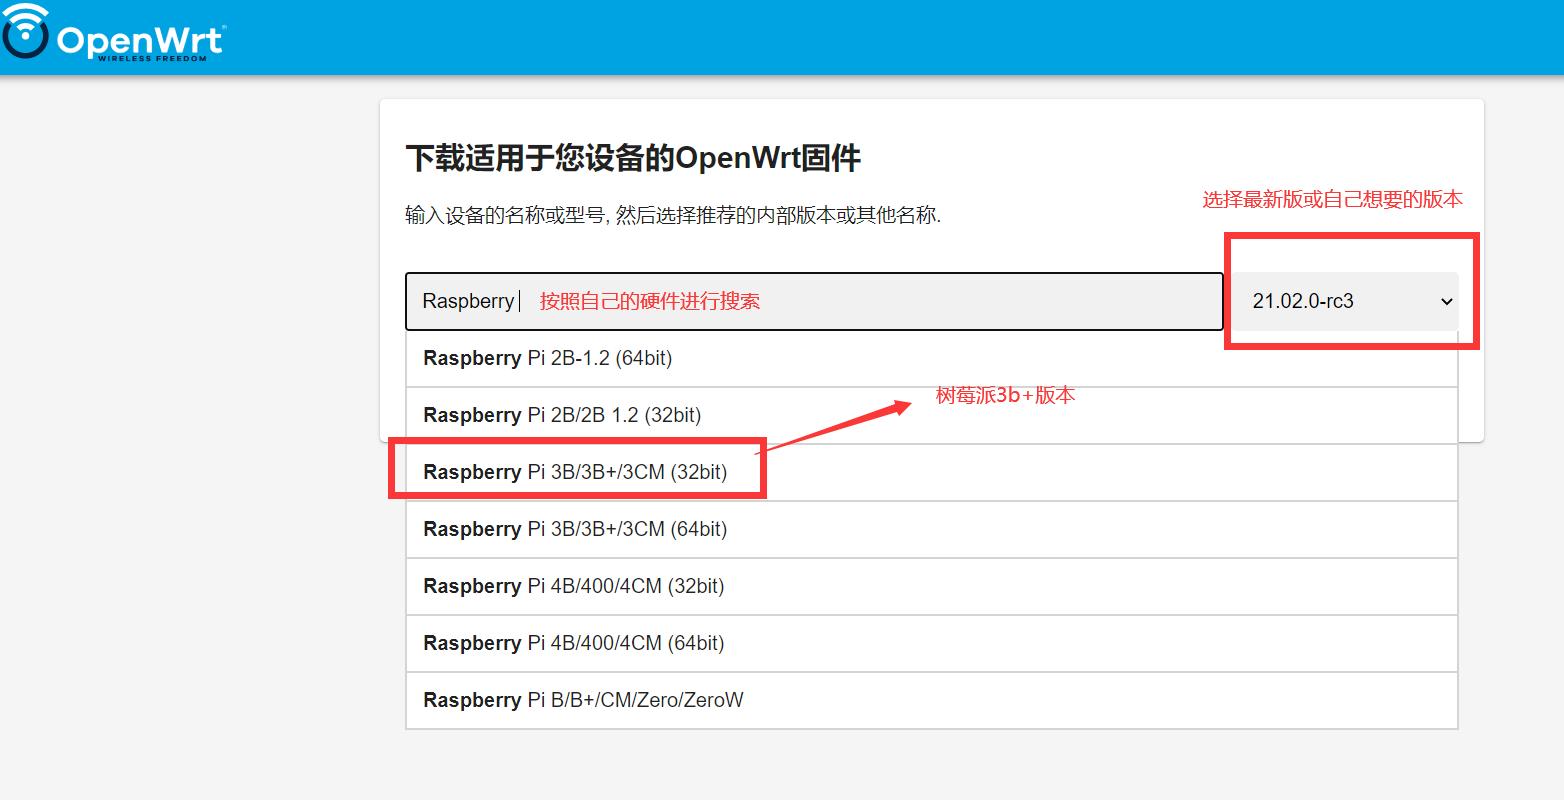 树莓派3b+安装openwrt并进行配置